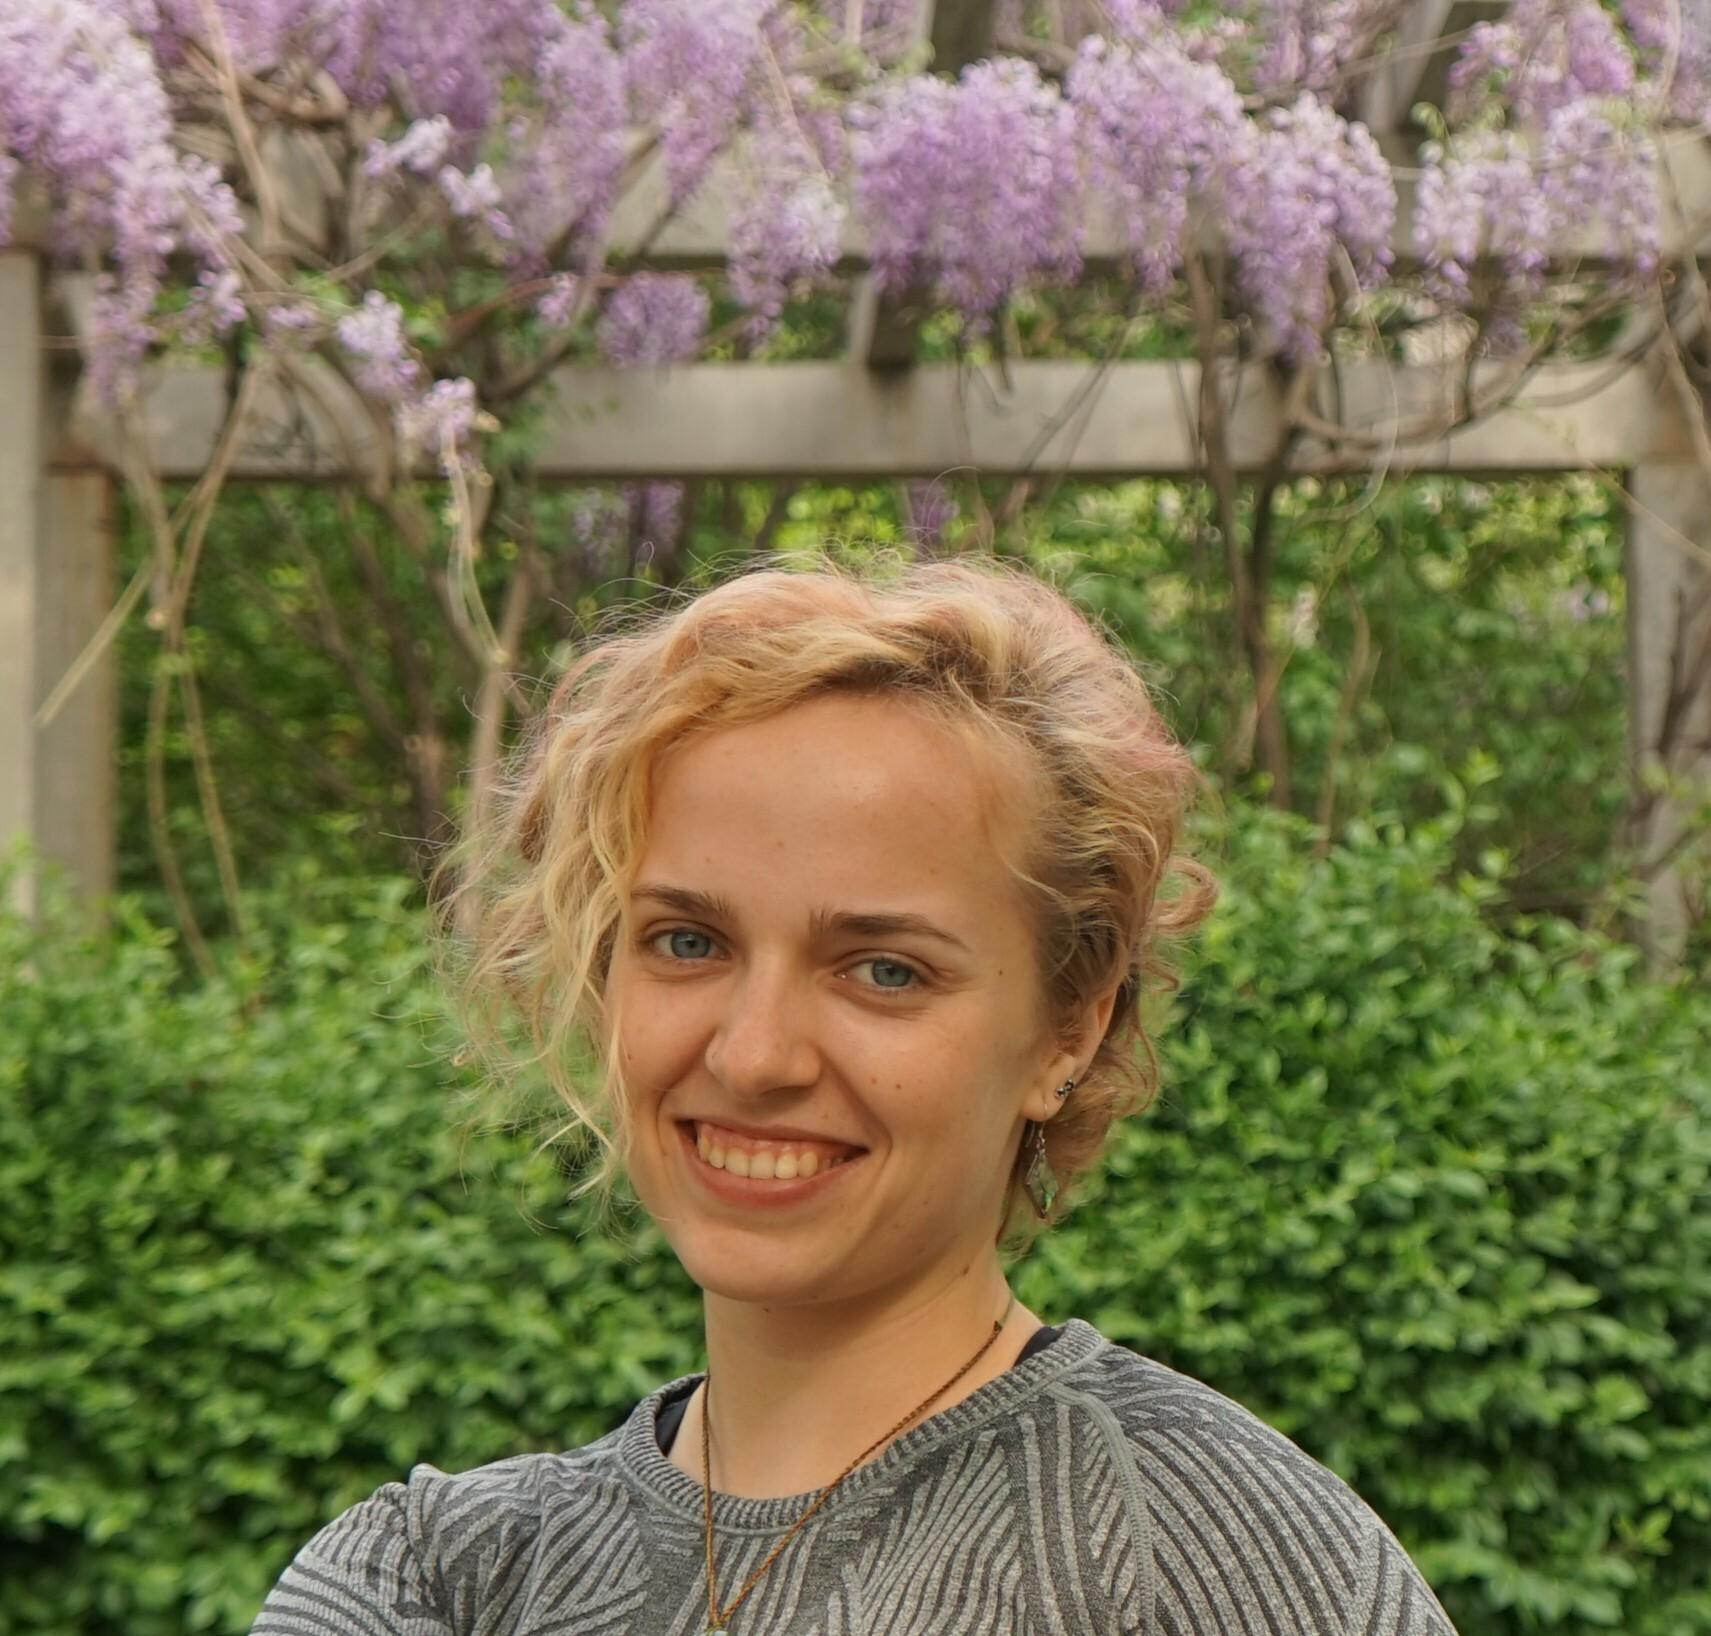 Lidiia Demchenko